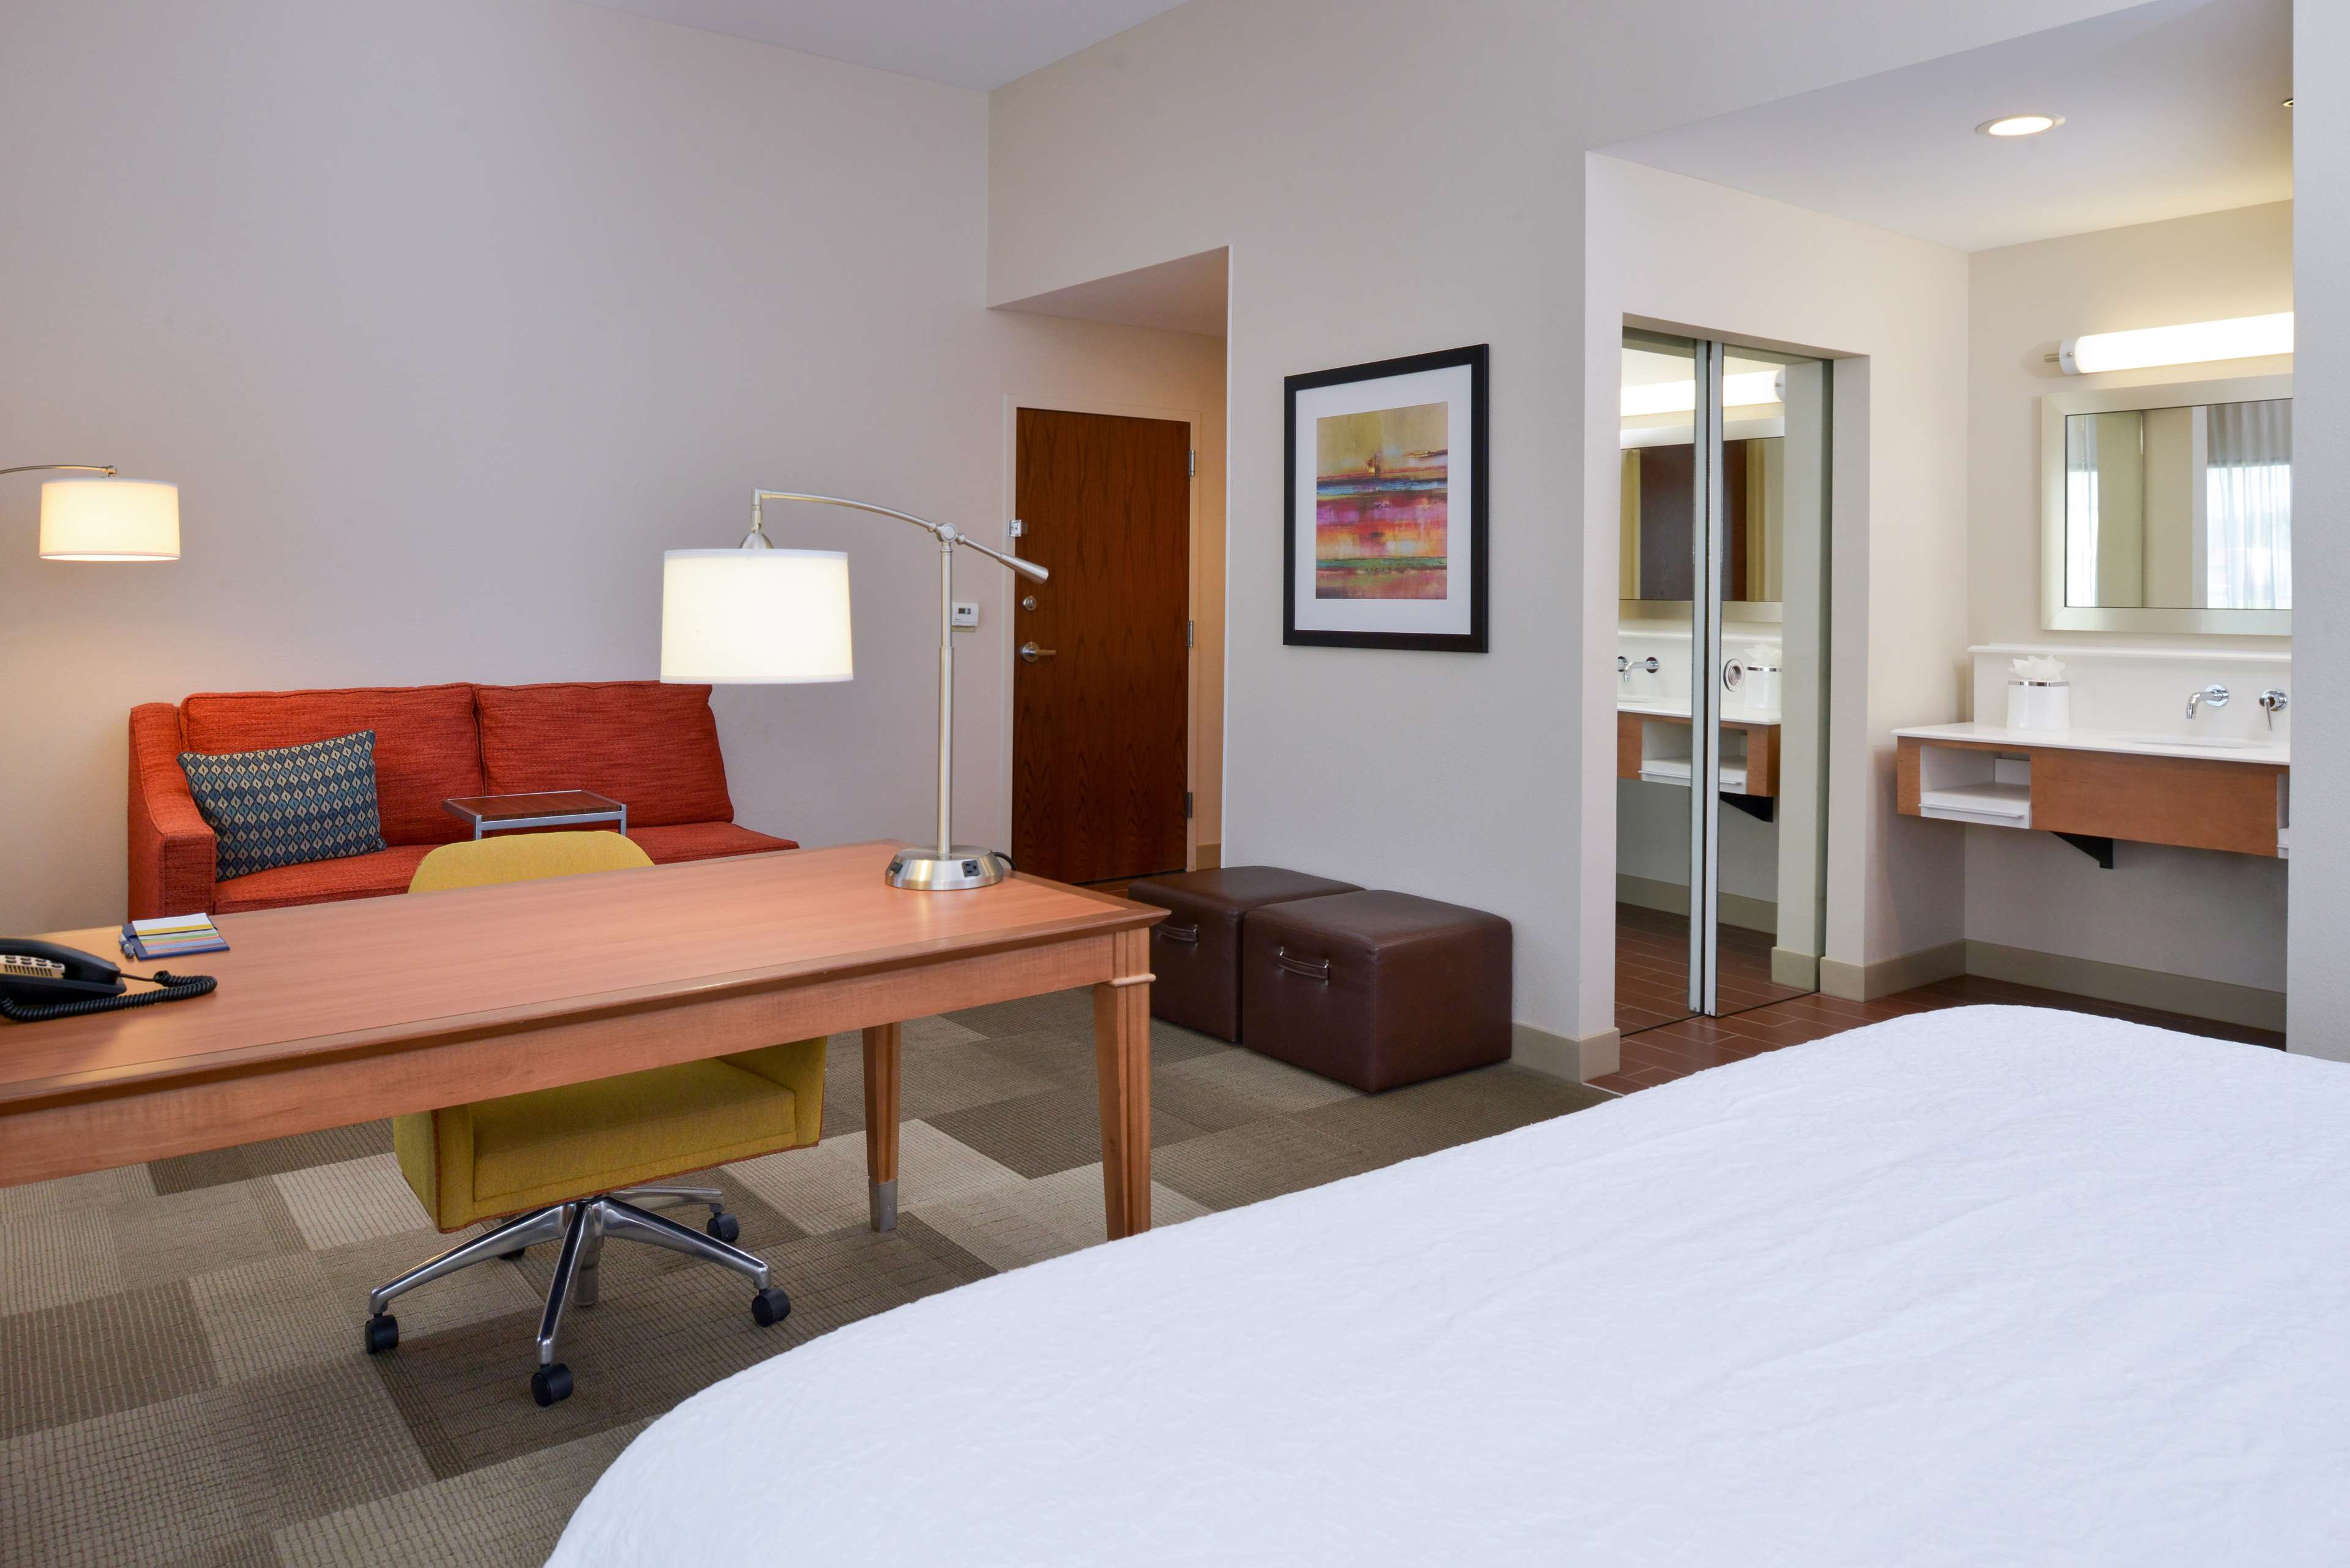 Hampton Inn & Suites Lonoke image 31